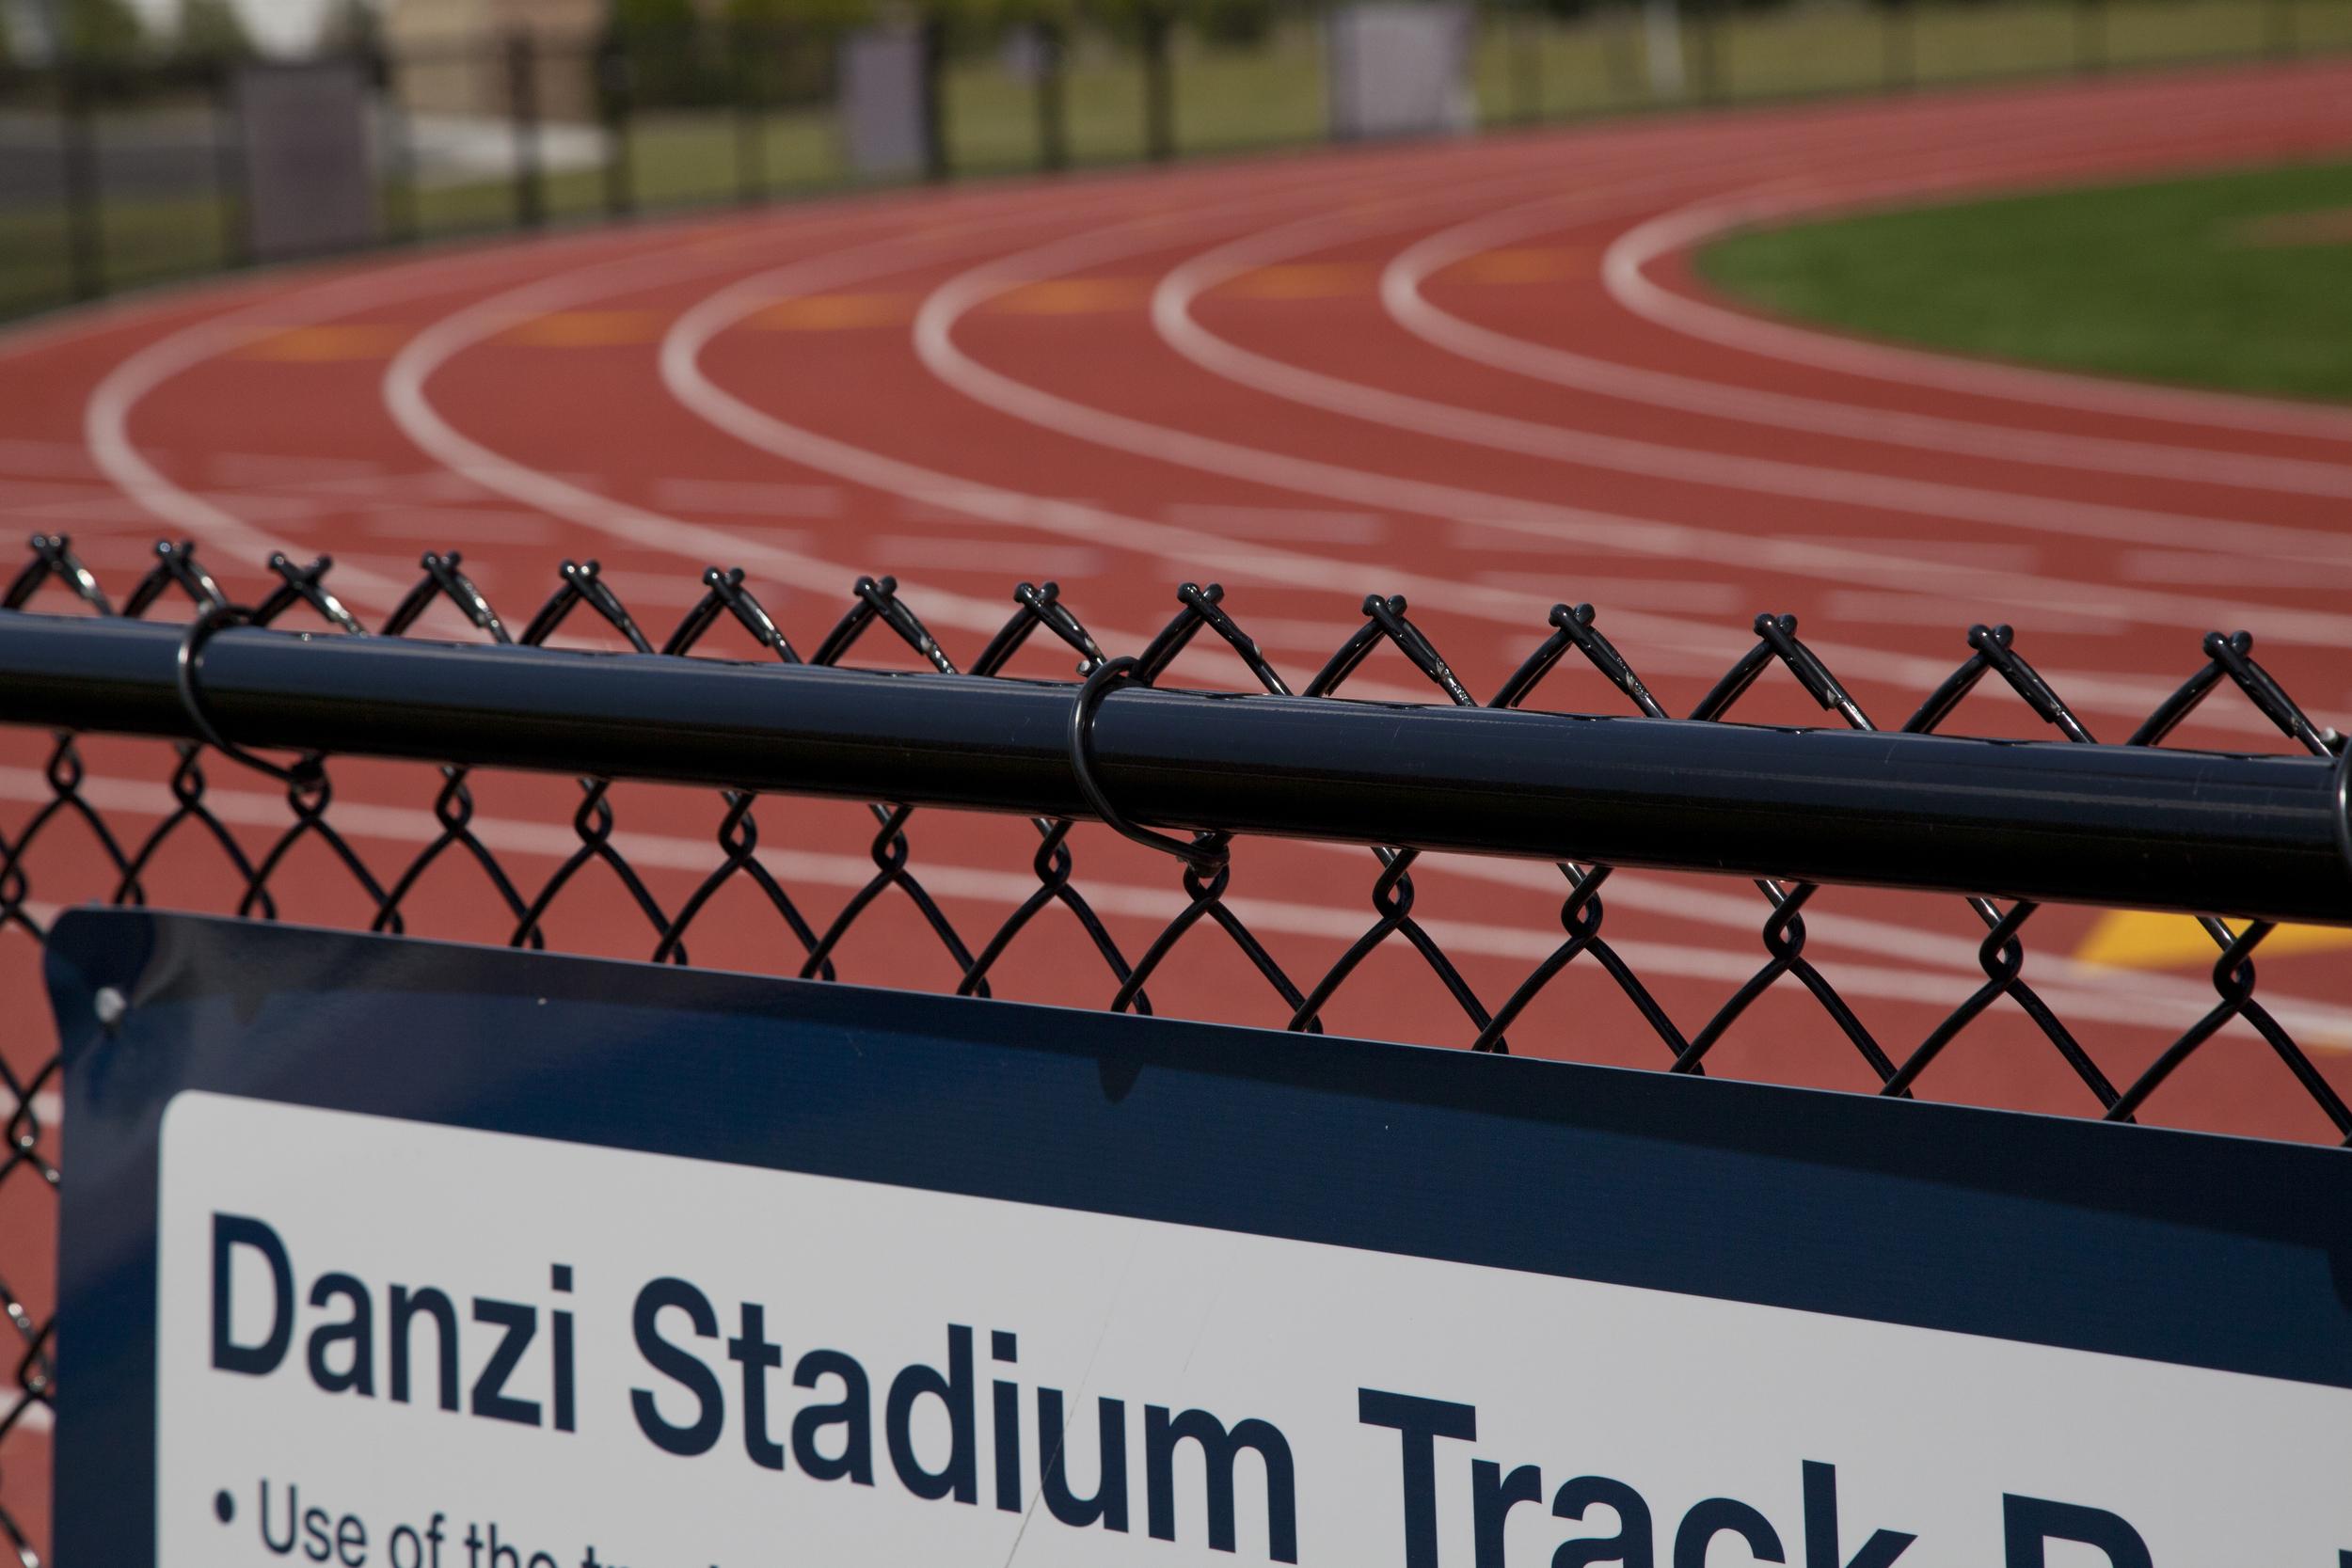 danzi_stadium070.jpg